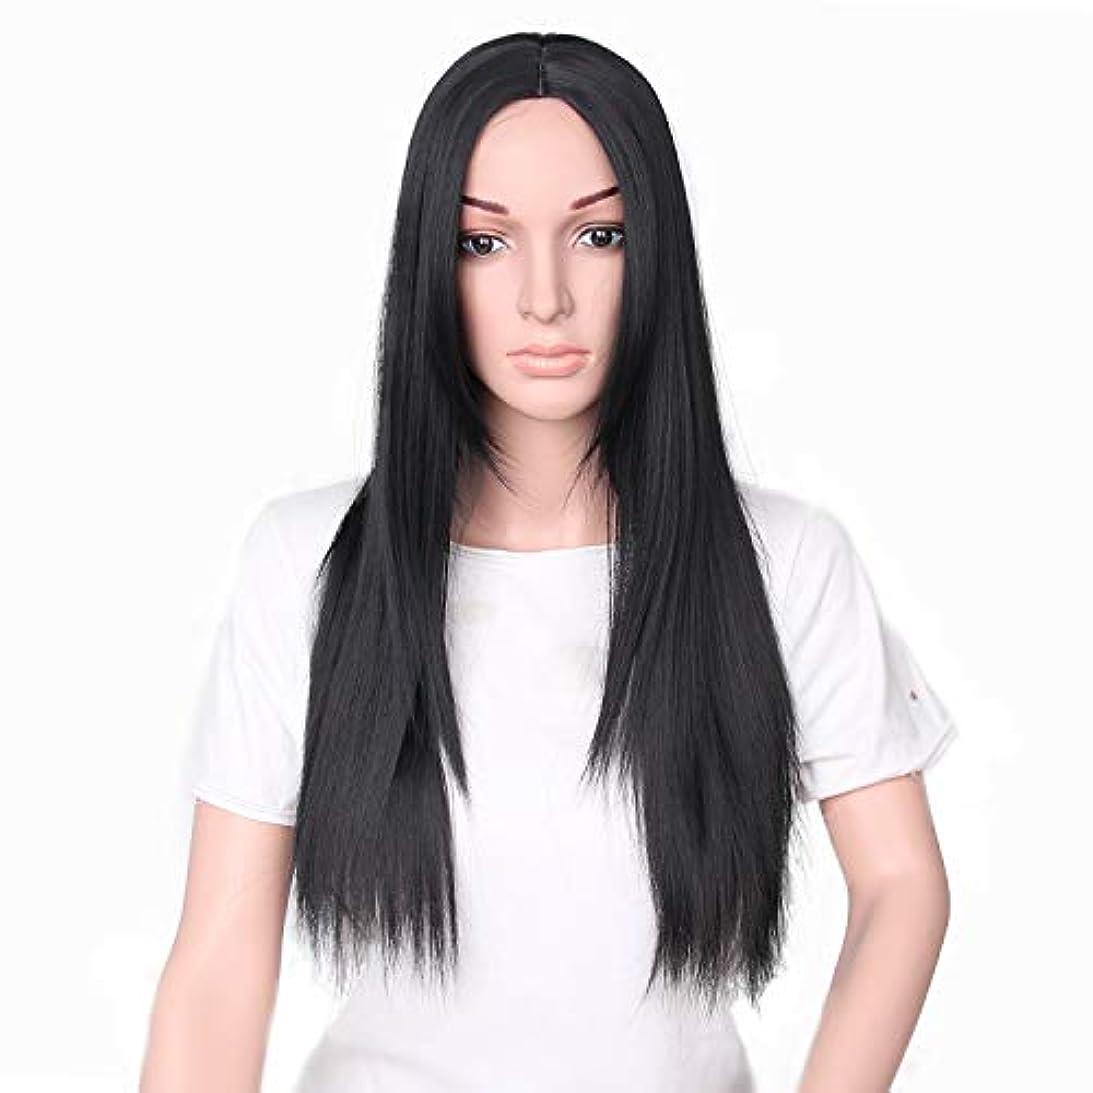 実験室強風ソケットYZUEYT 66cm女性ナチュラルセンター分割ロングストレートブラックヘアウィッグ YZUEYT (Size : One size)